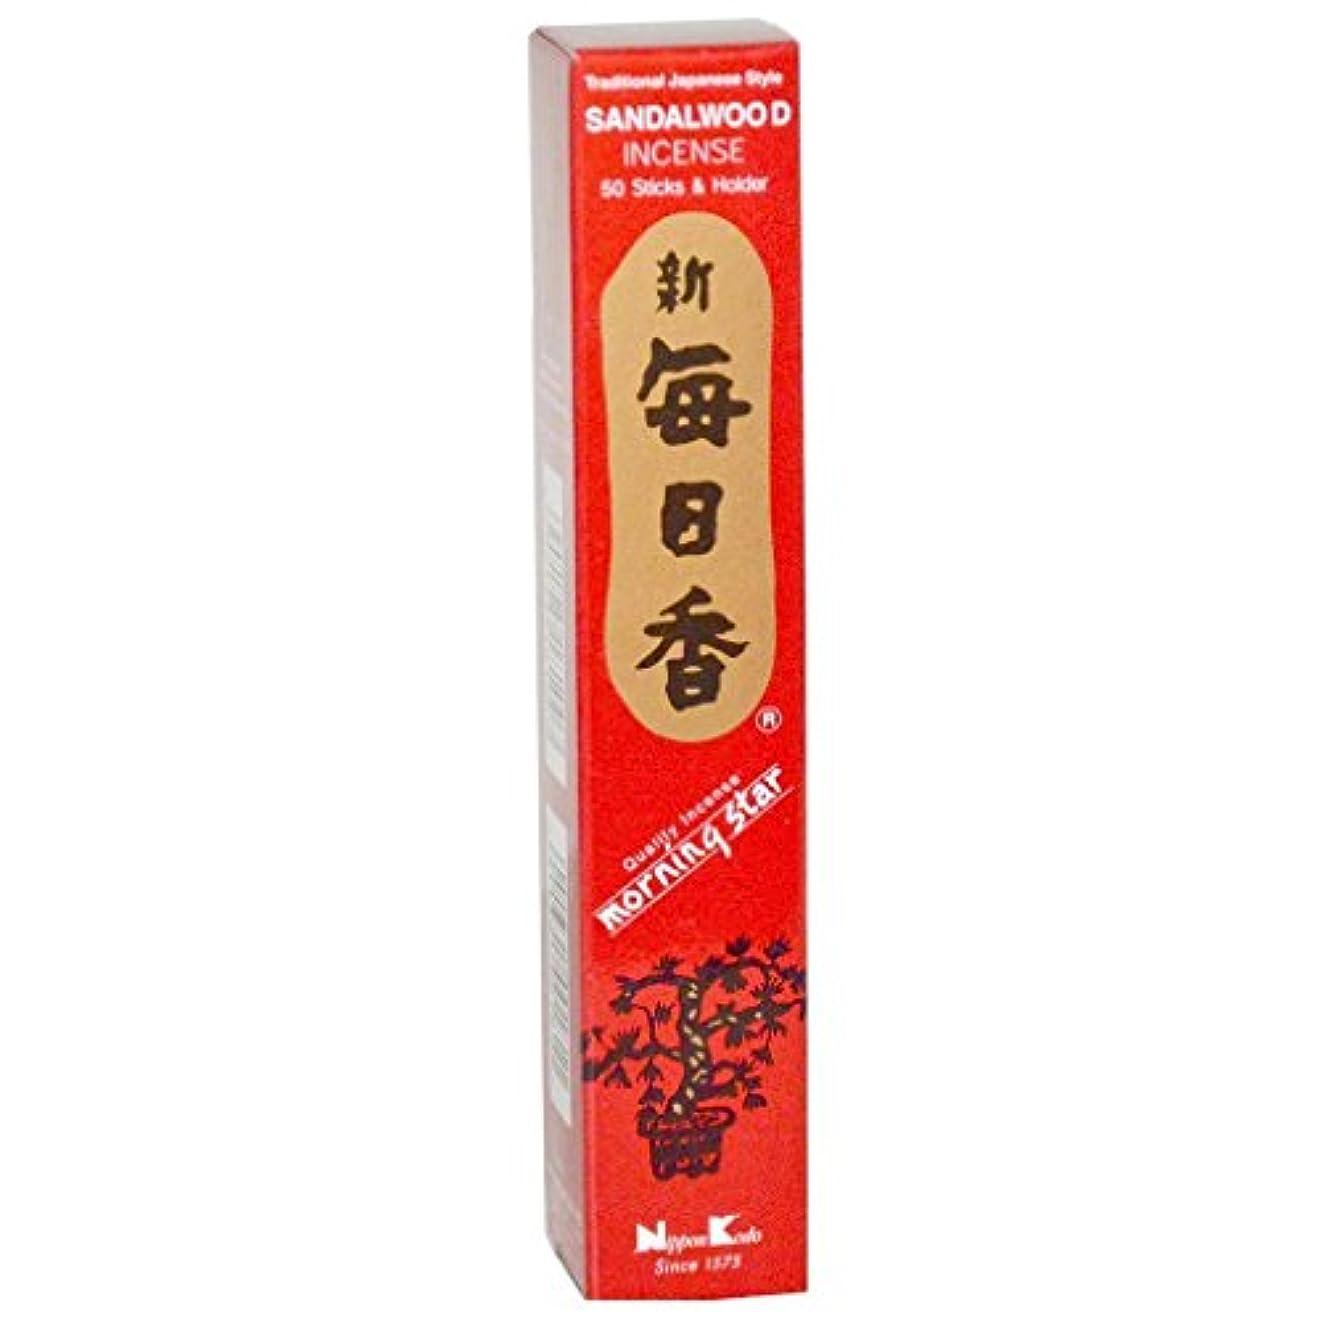 引数ラリーベルモントオリエンタルSandalwood Morning Star Quality Japanese Incense by Nippon Kodo - 50 Sticks + Holder